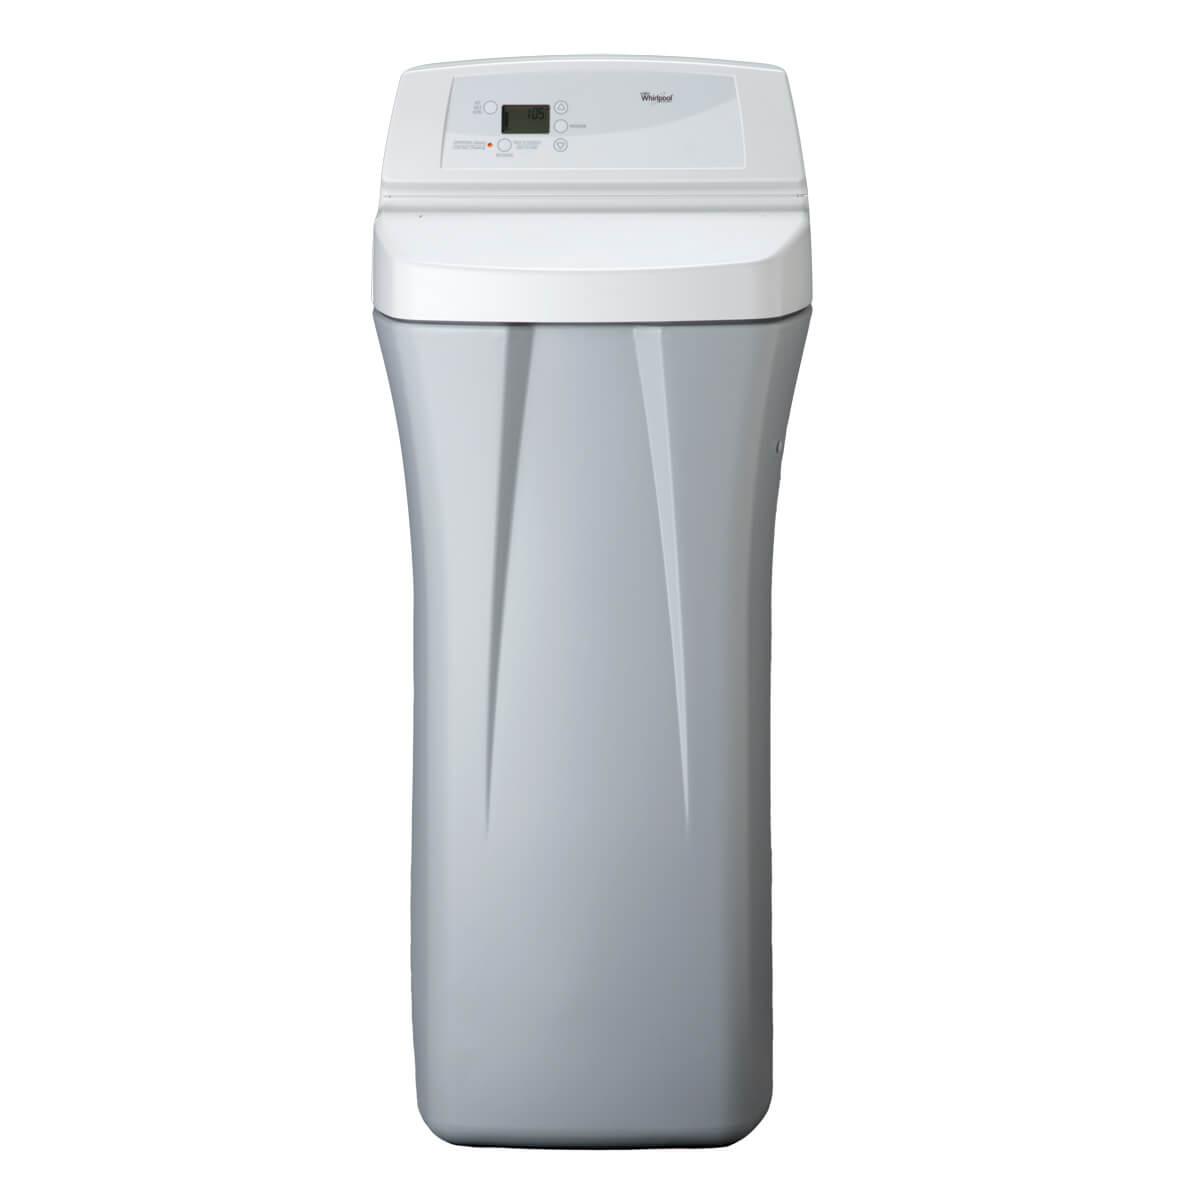 33,000 Grain Capacity Water Softener - WHES33 | Whirlpool